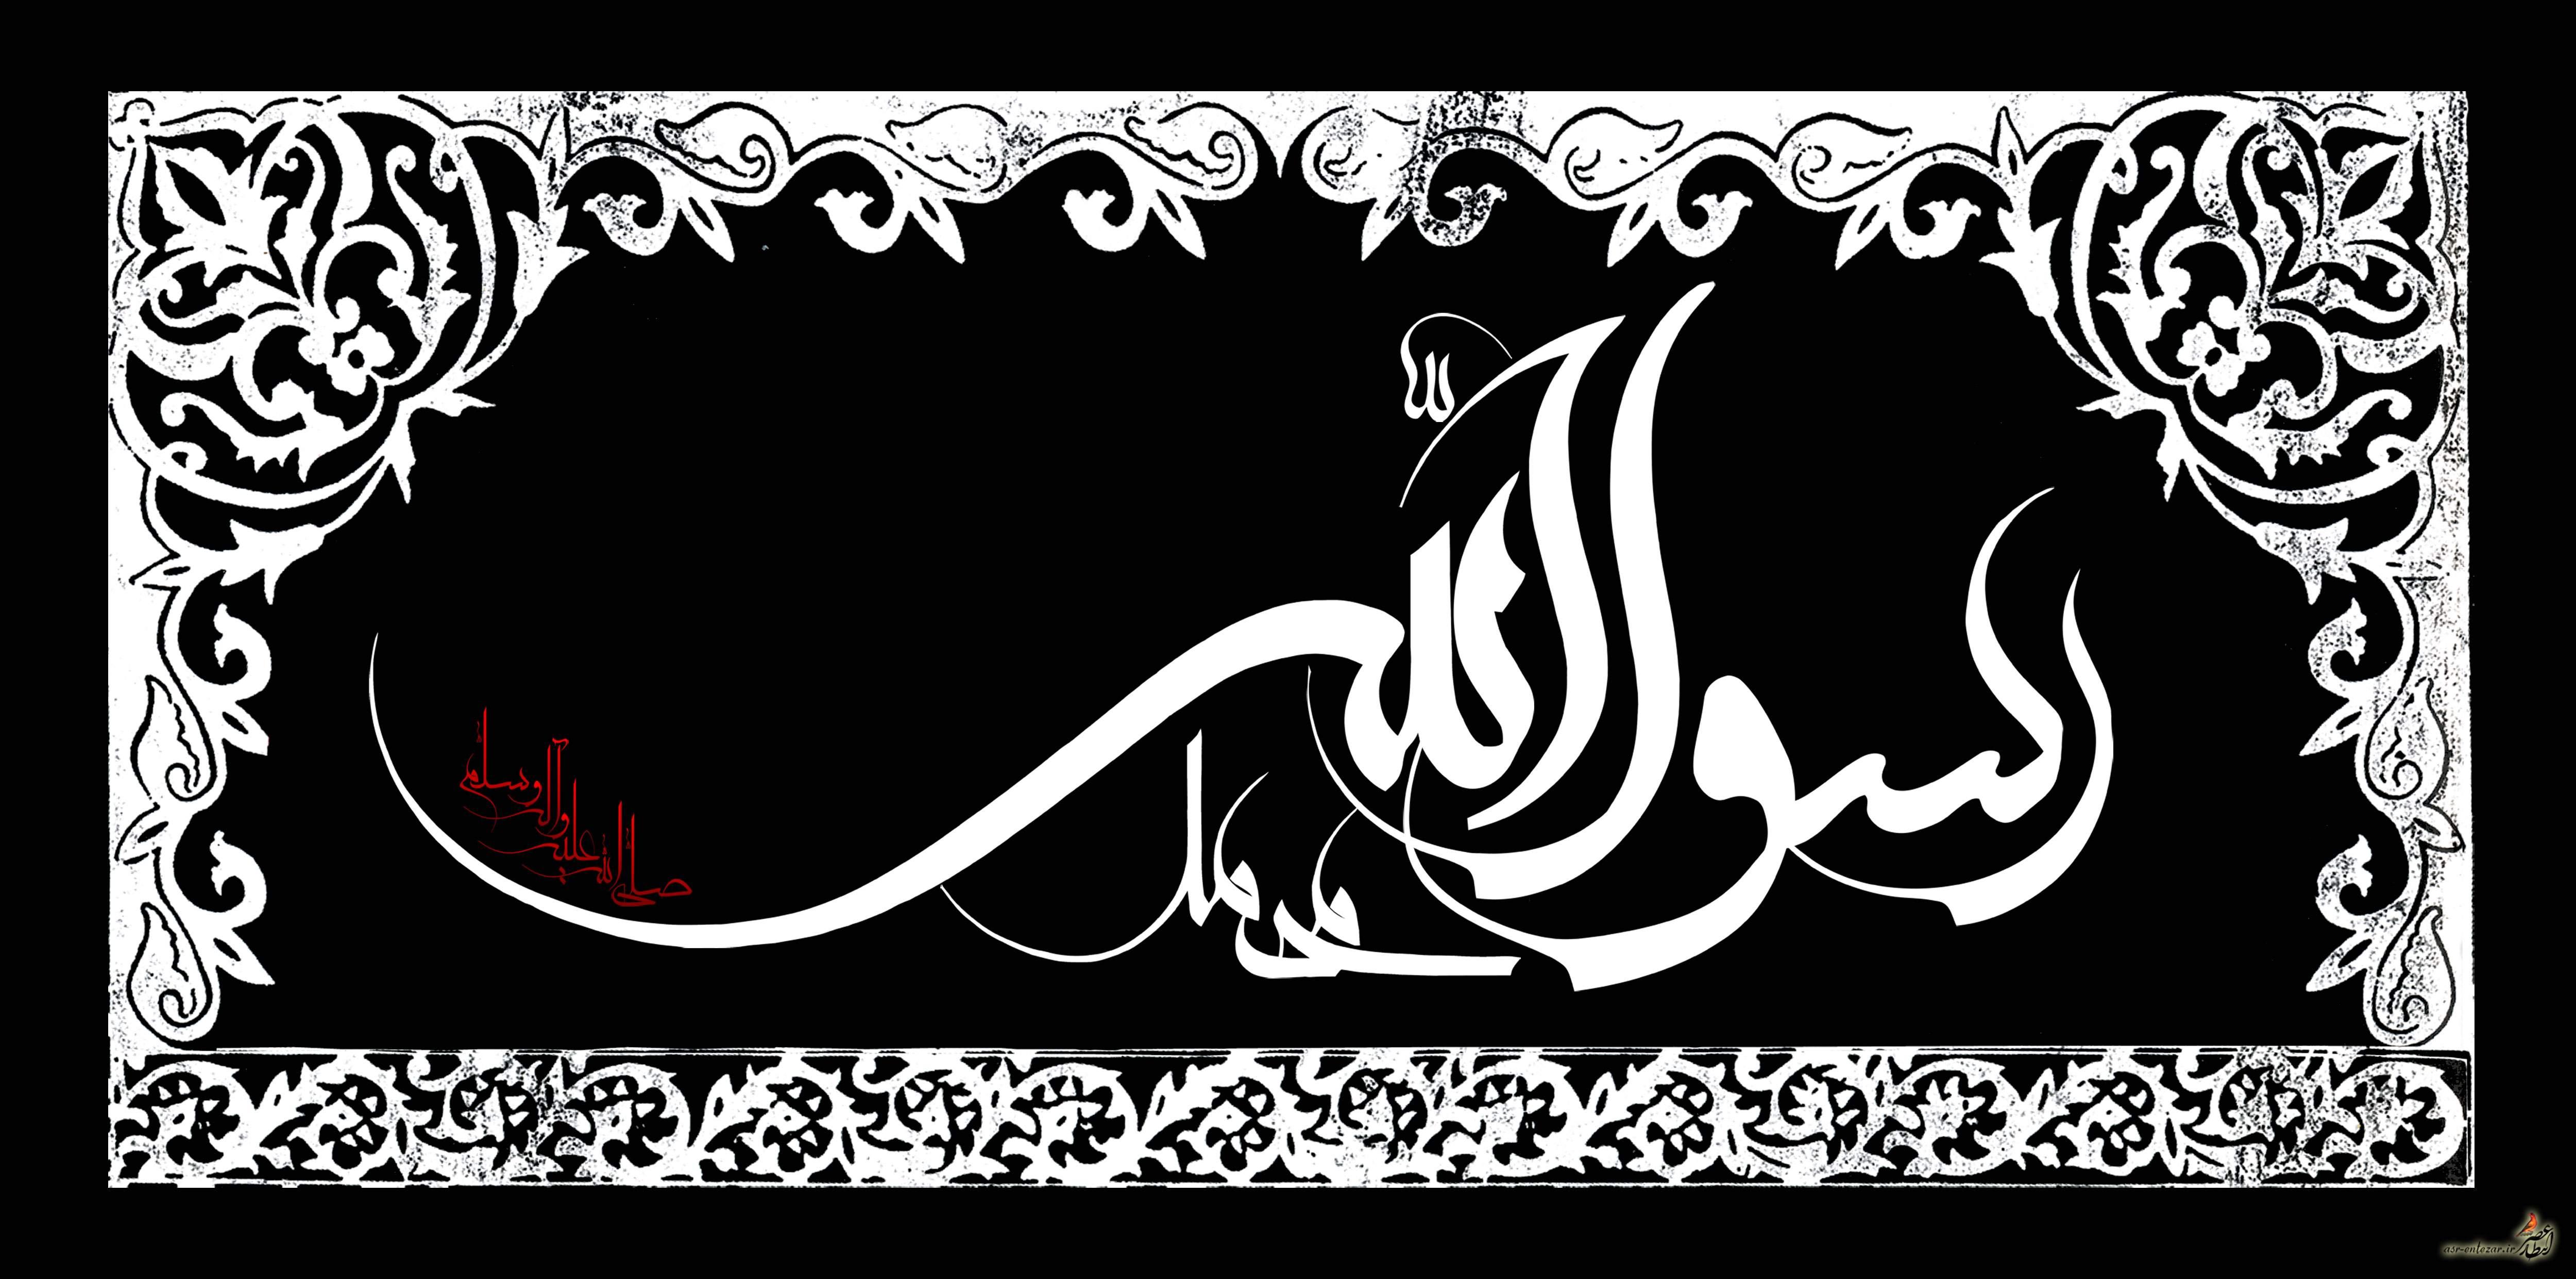 مداحی های شهادت حضرت رسول اکرم (ص)